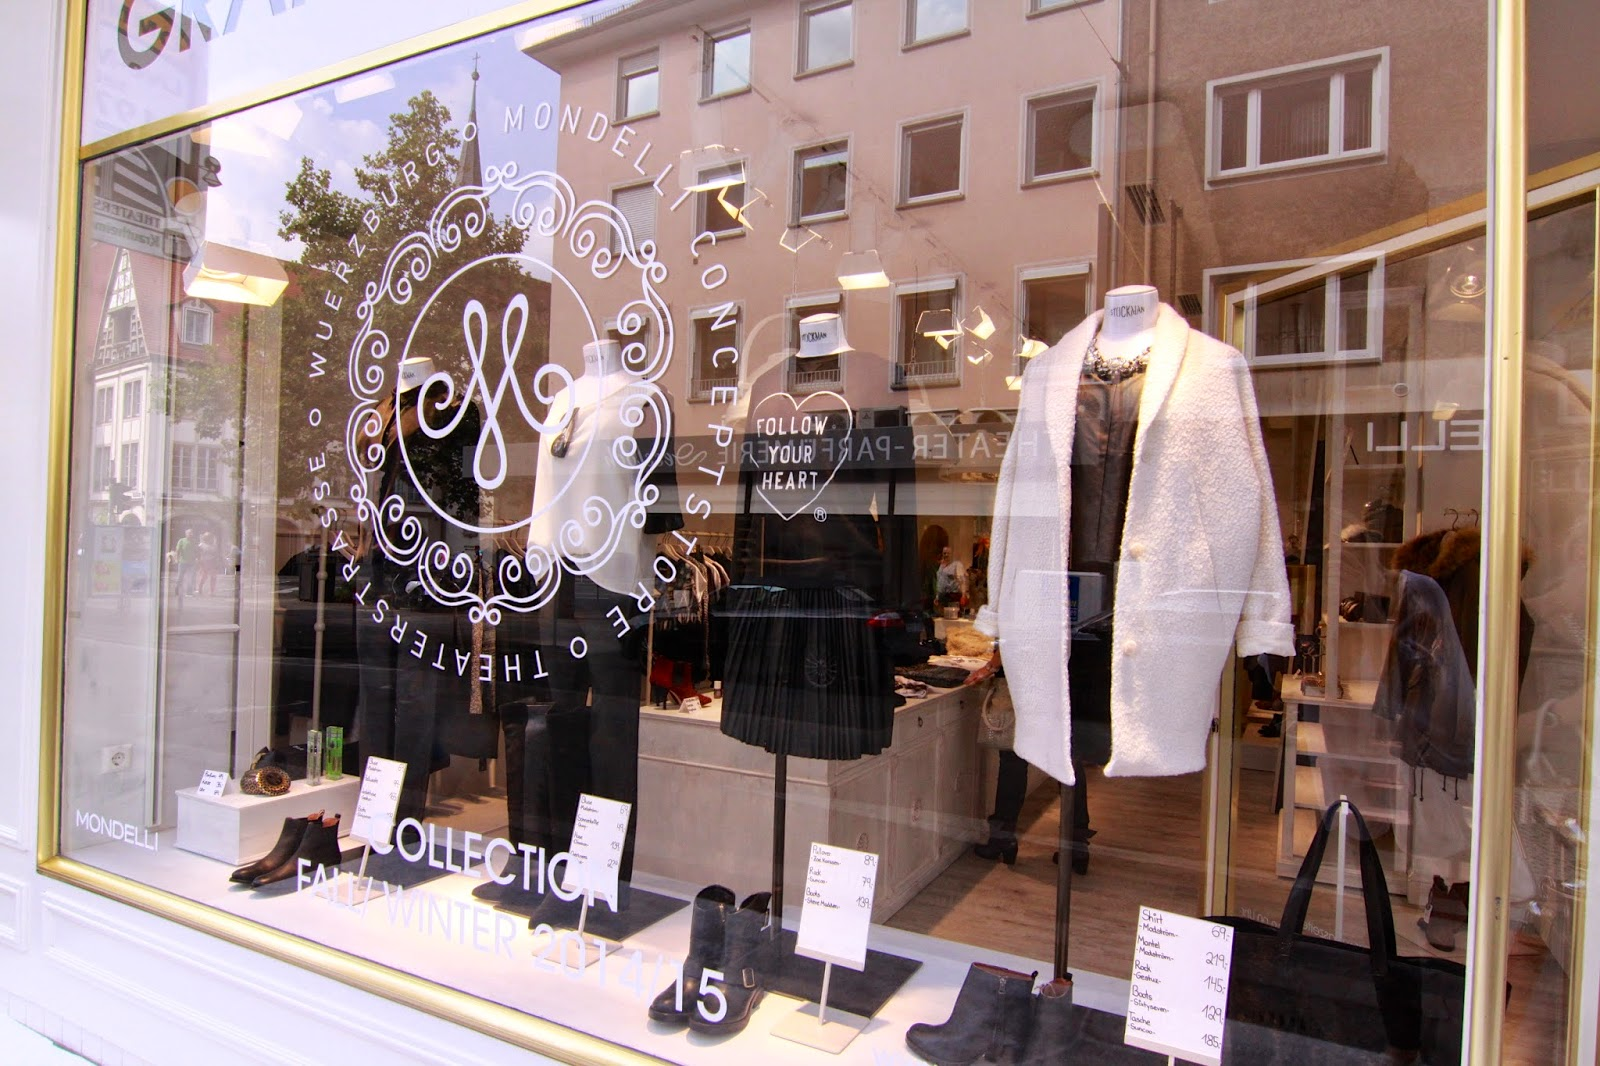 Schaufenster des Mondelli Concept Stores Würzburg